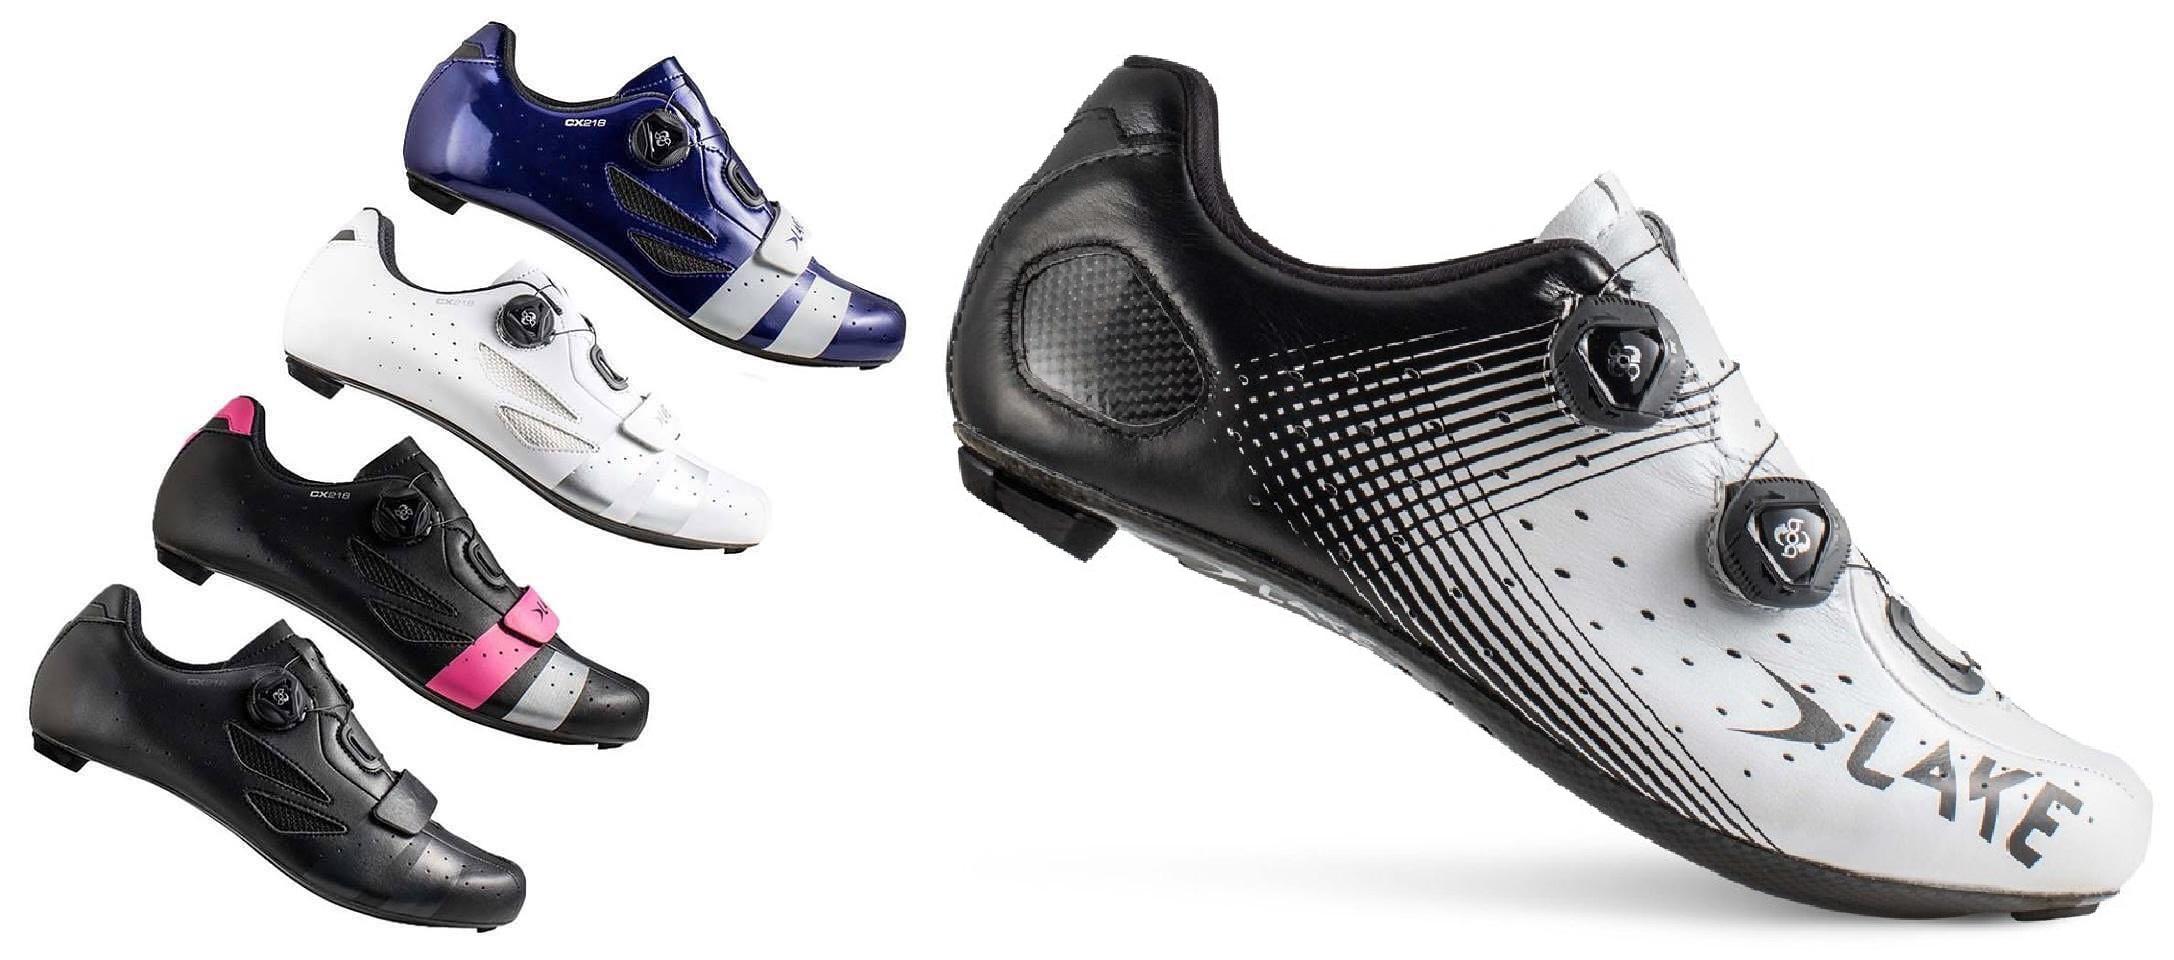 Novost v naši ponudbi so priznani kolesarski in triatlonski čevlji LAKE. Proizvajalec je znan po vrhunskih materialih in izdelavi, ki zagotavljajo najvišje udobje.